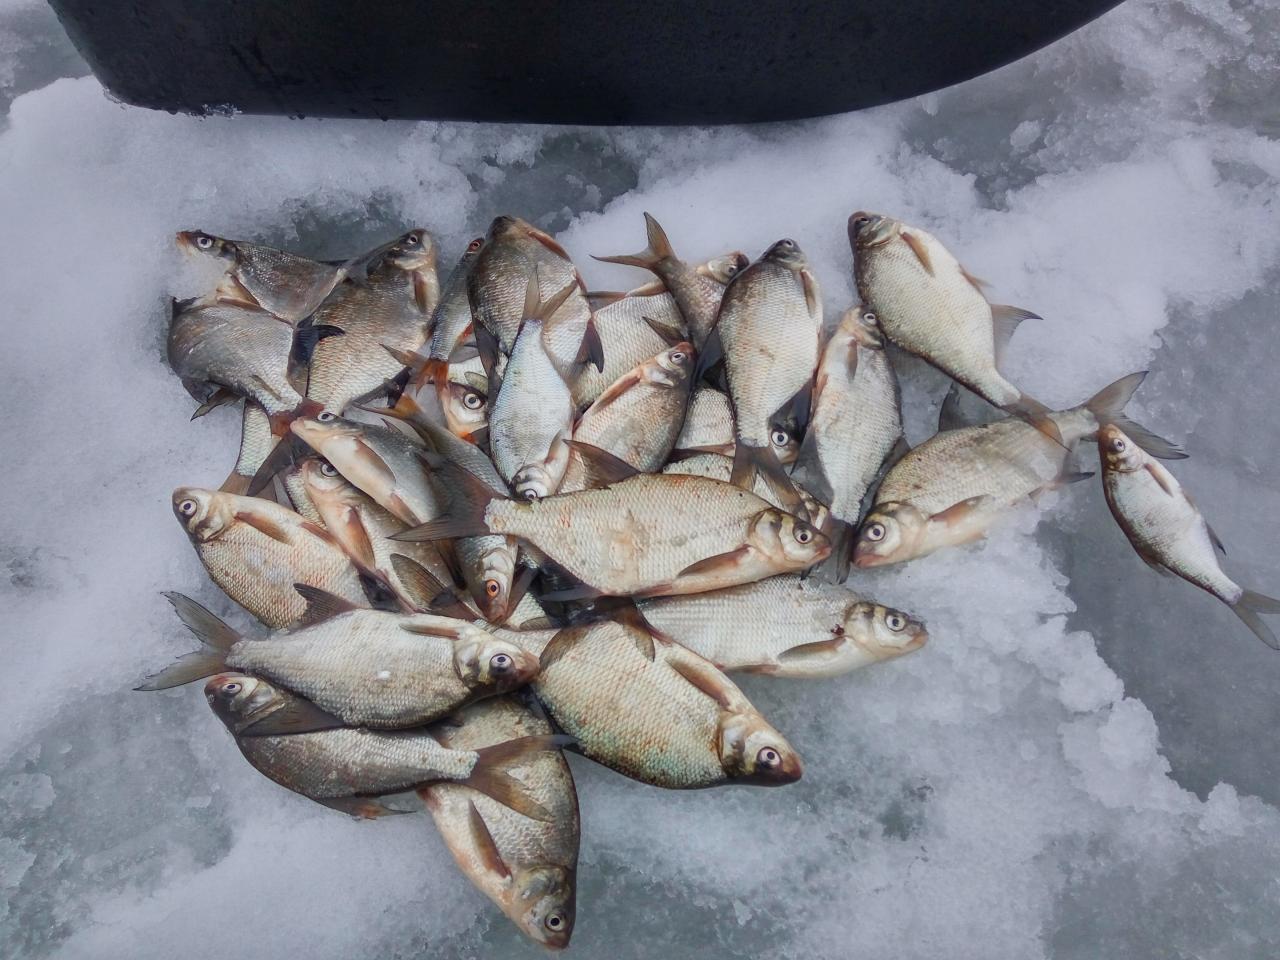 Всех с наступающим!Коротенький отчет за сегодня:Был в районе ... | Отчеты о рыбалке в Беларуси